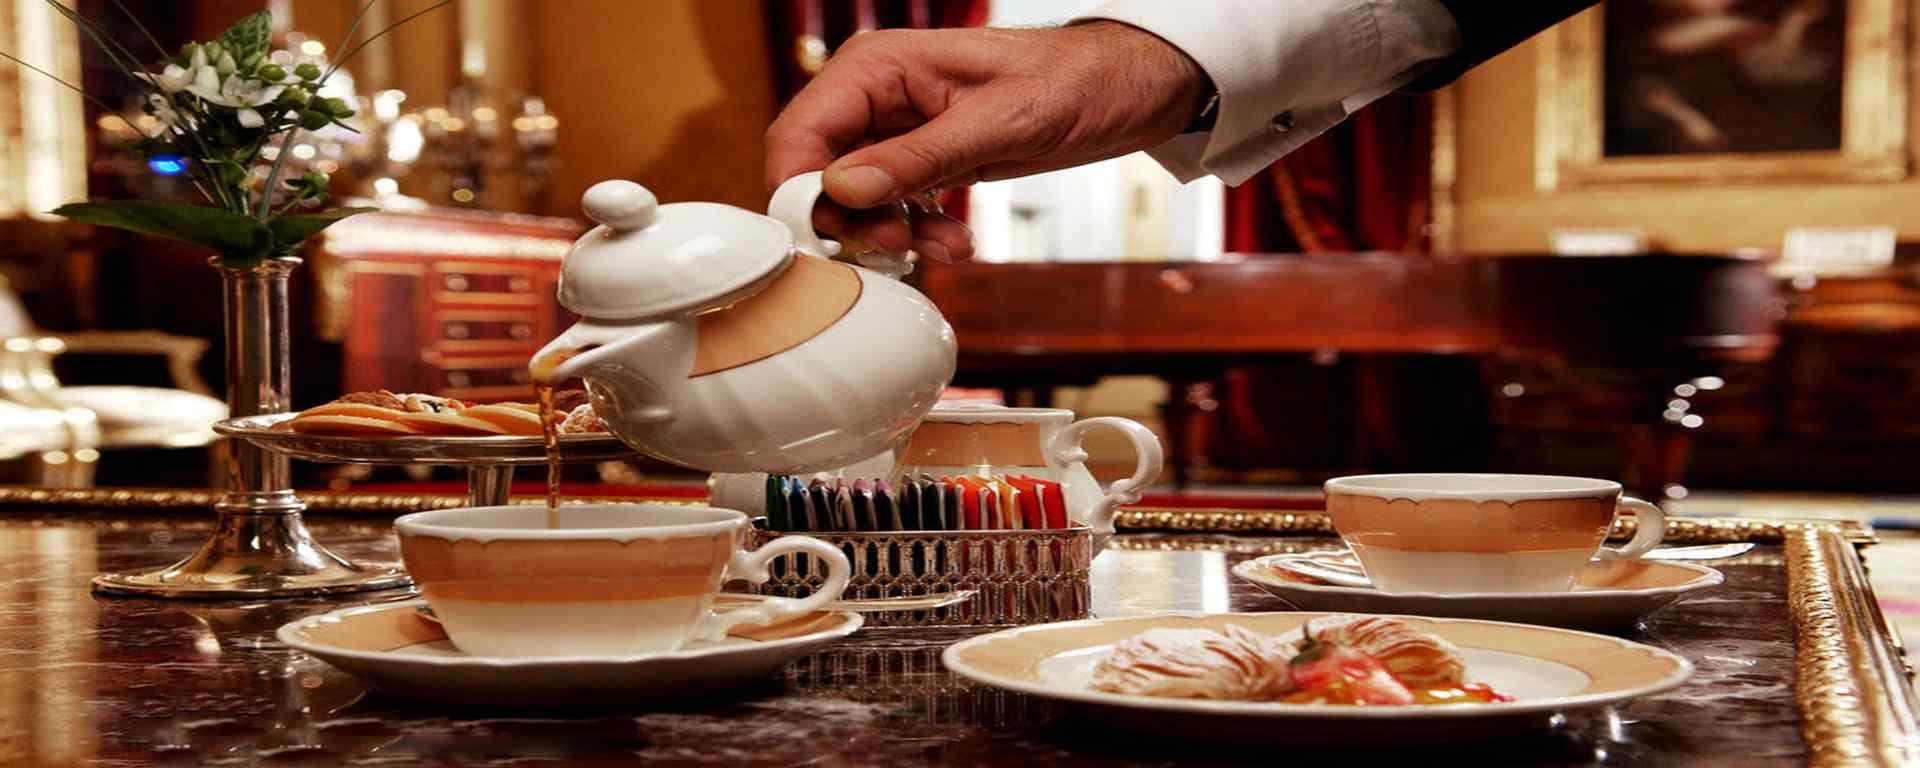 甜点_下午茶_咖啡_马卡龙_蛋糕_饼干_冰淇淋_甜点美食壁纸